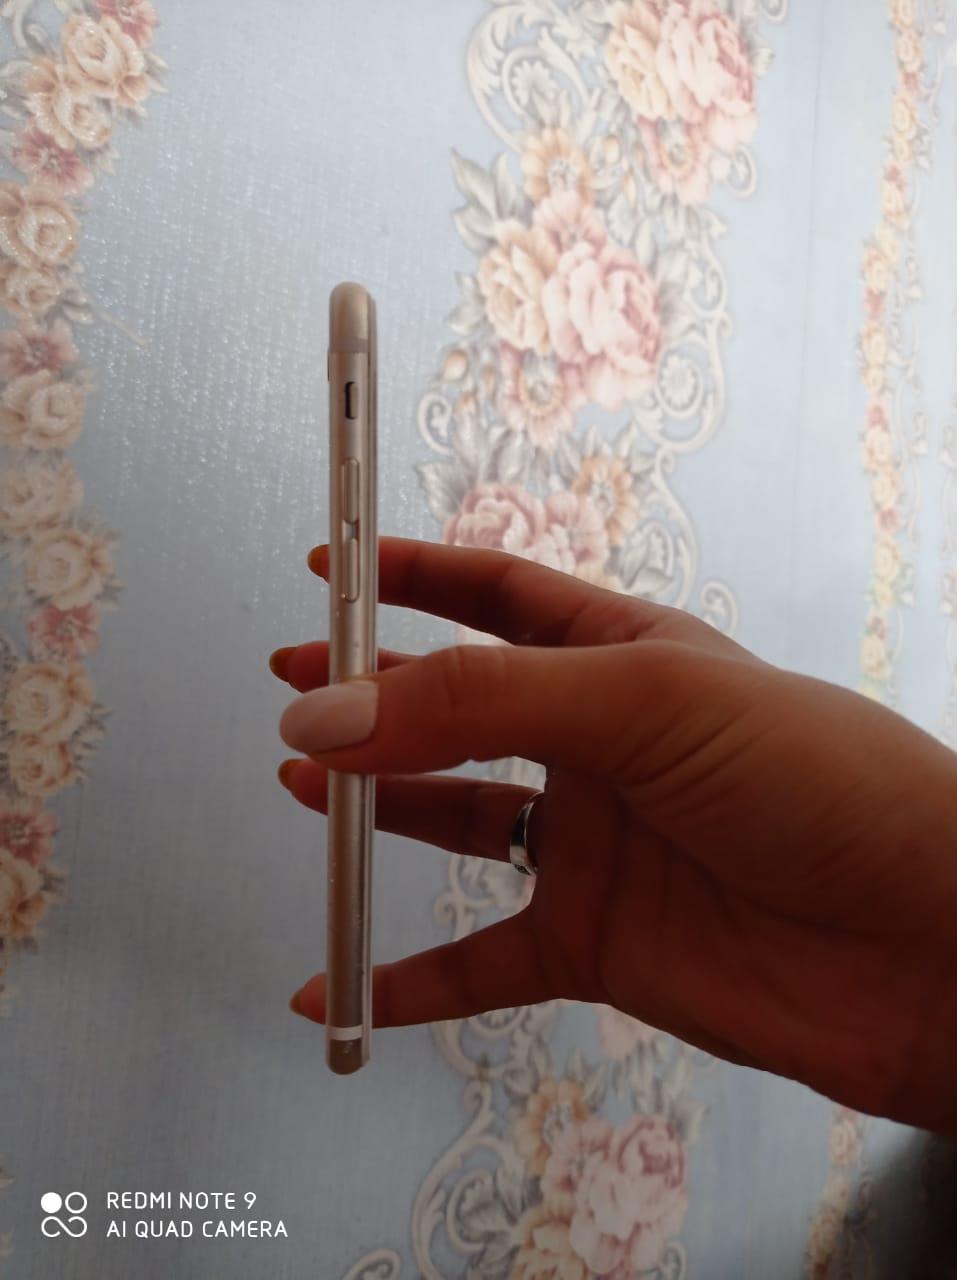 İphone 6 Gold satılır ela veziyyetdedi hecbir problemi